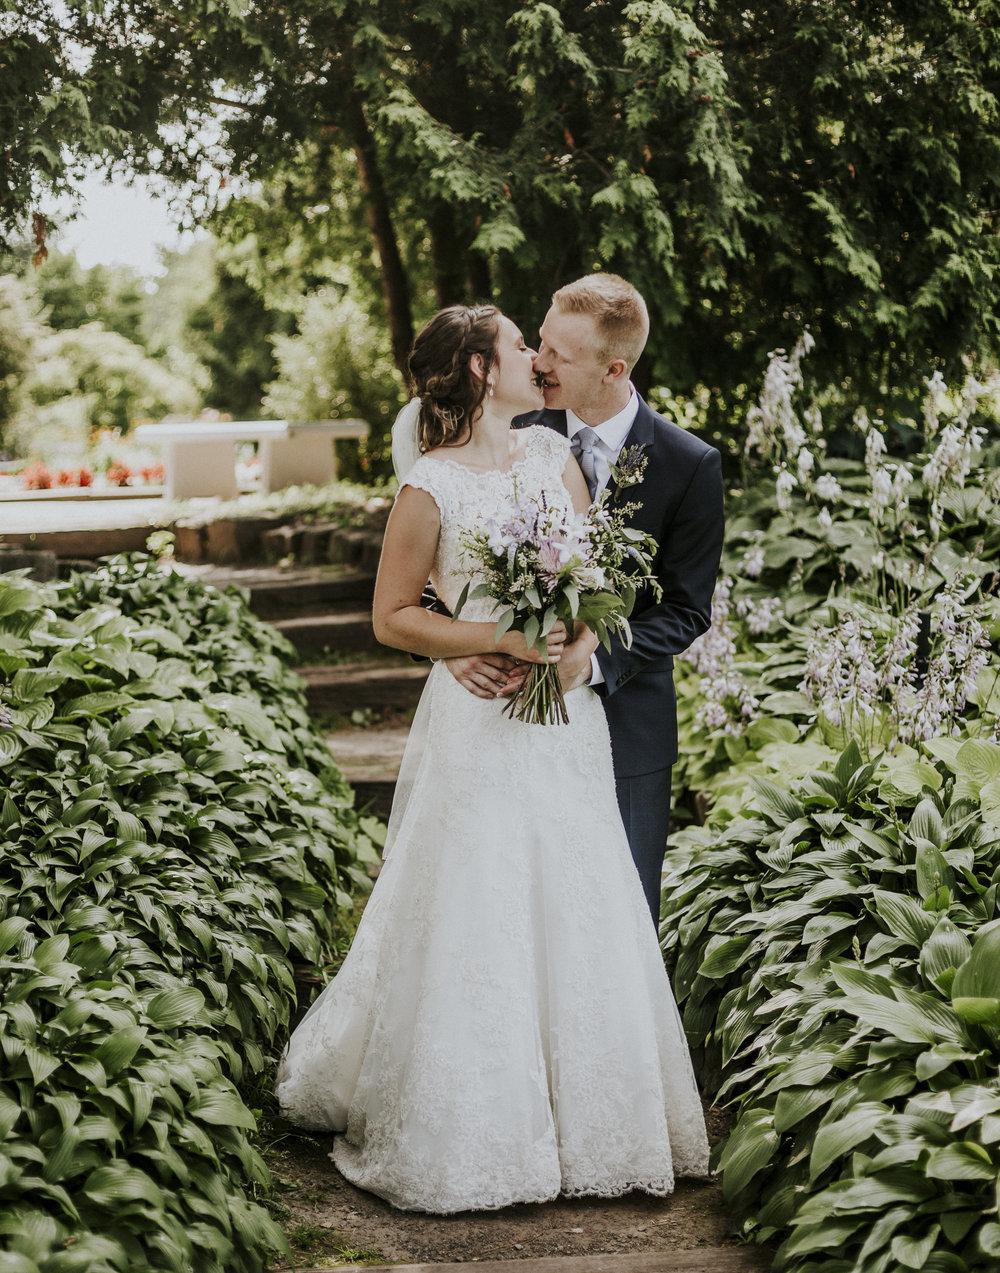 BRIDE+GROOM-PORTRAITS-016.jpg